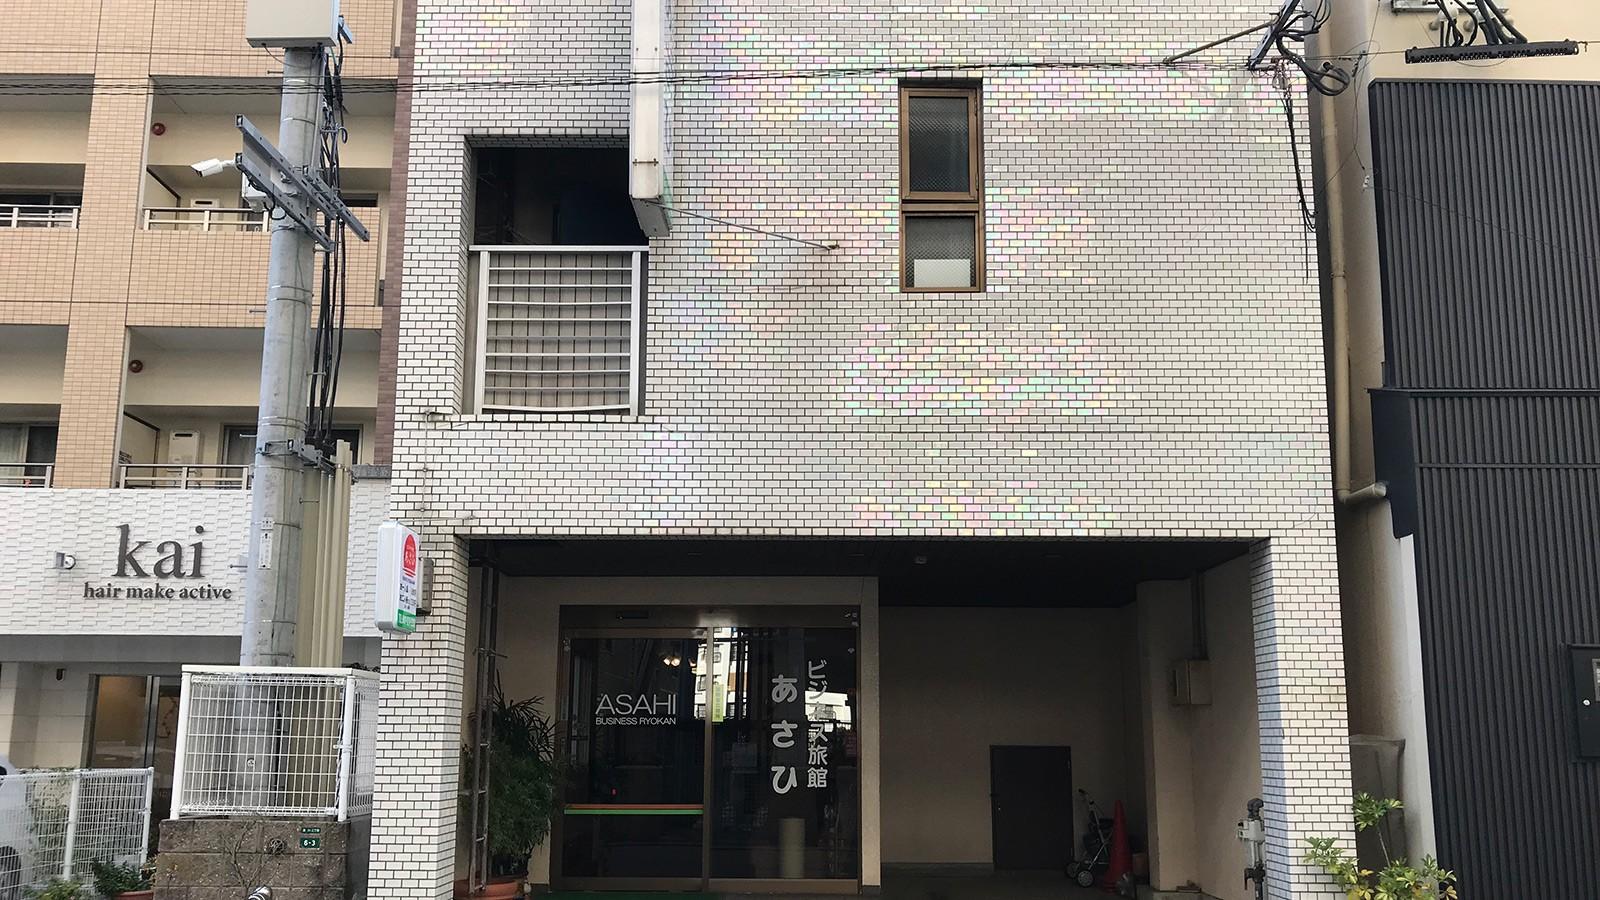 ξενοδοχείο asahi ιαπωνία φτηνή διαμονή